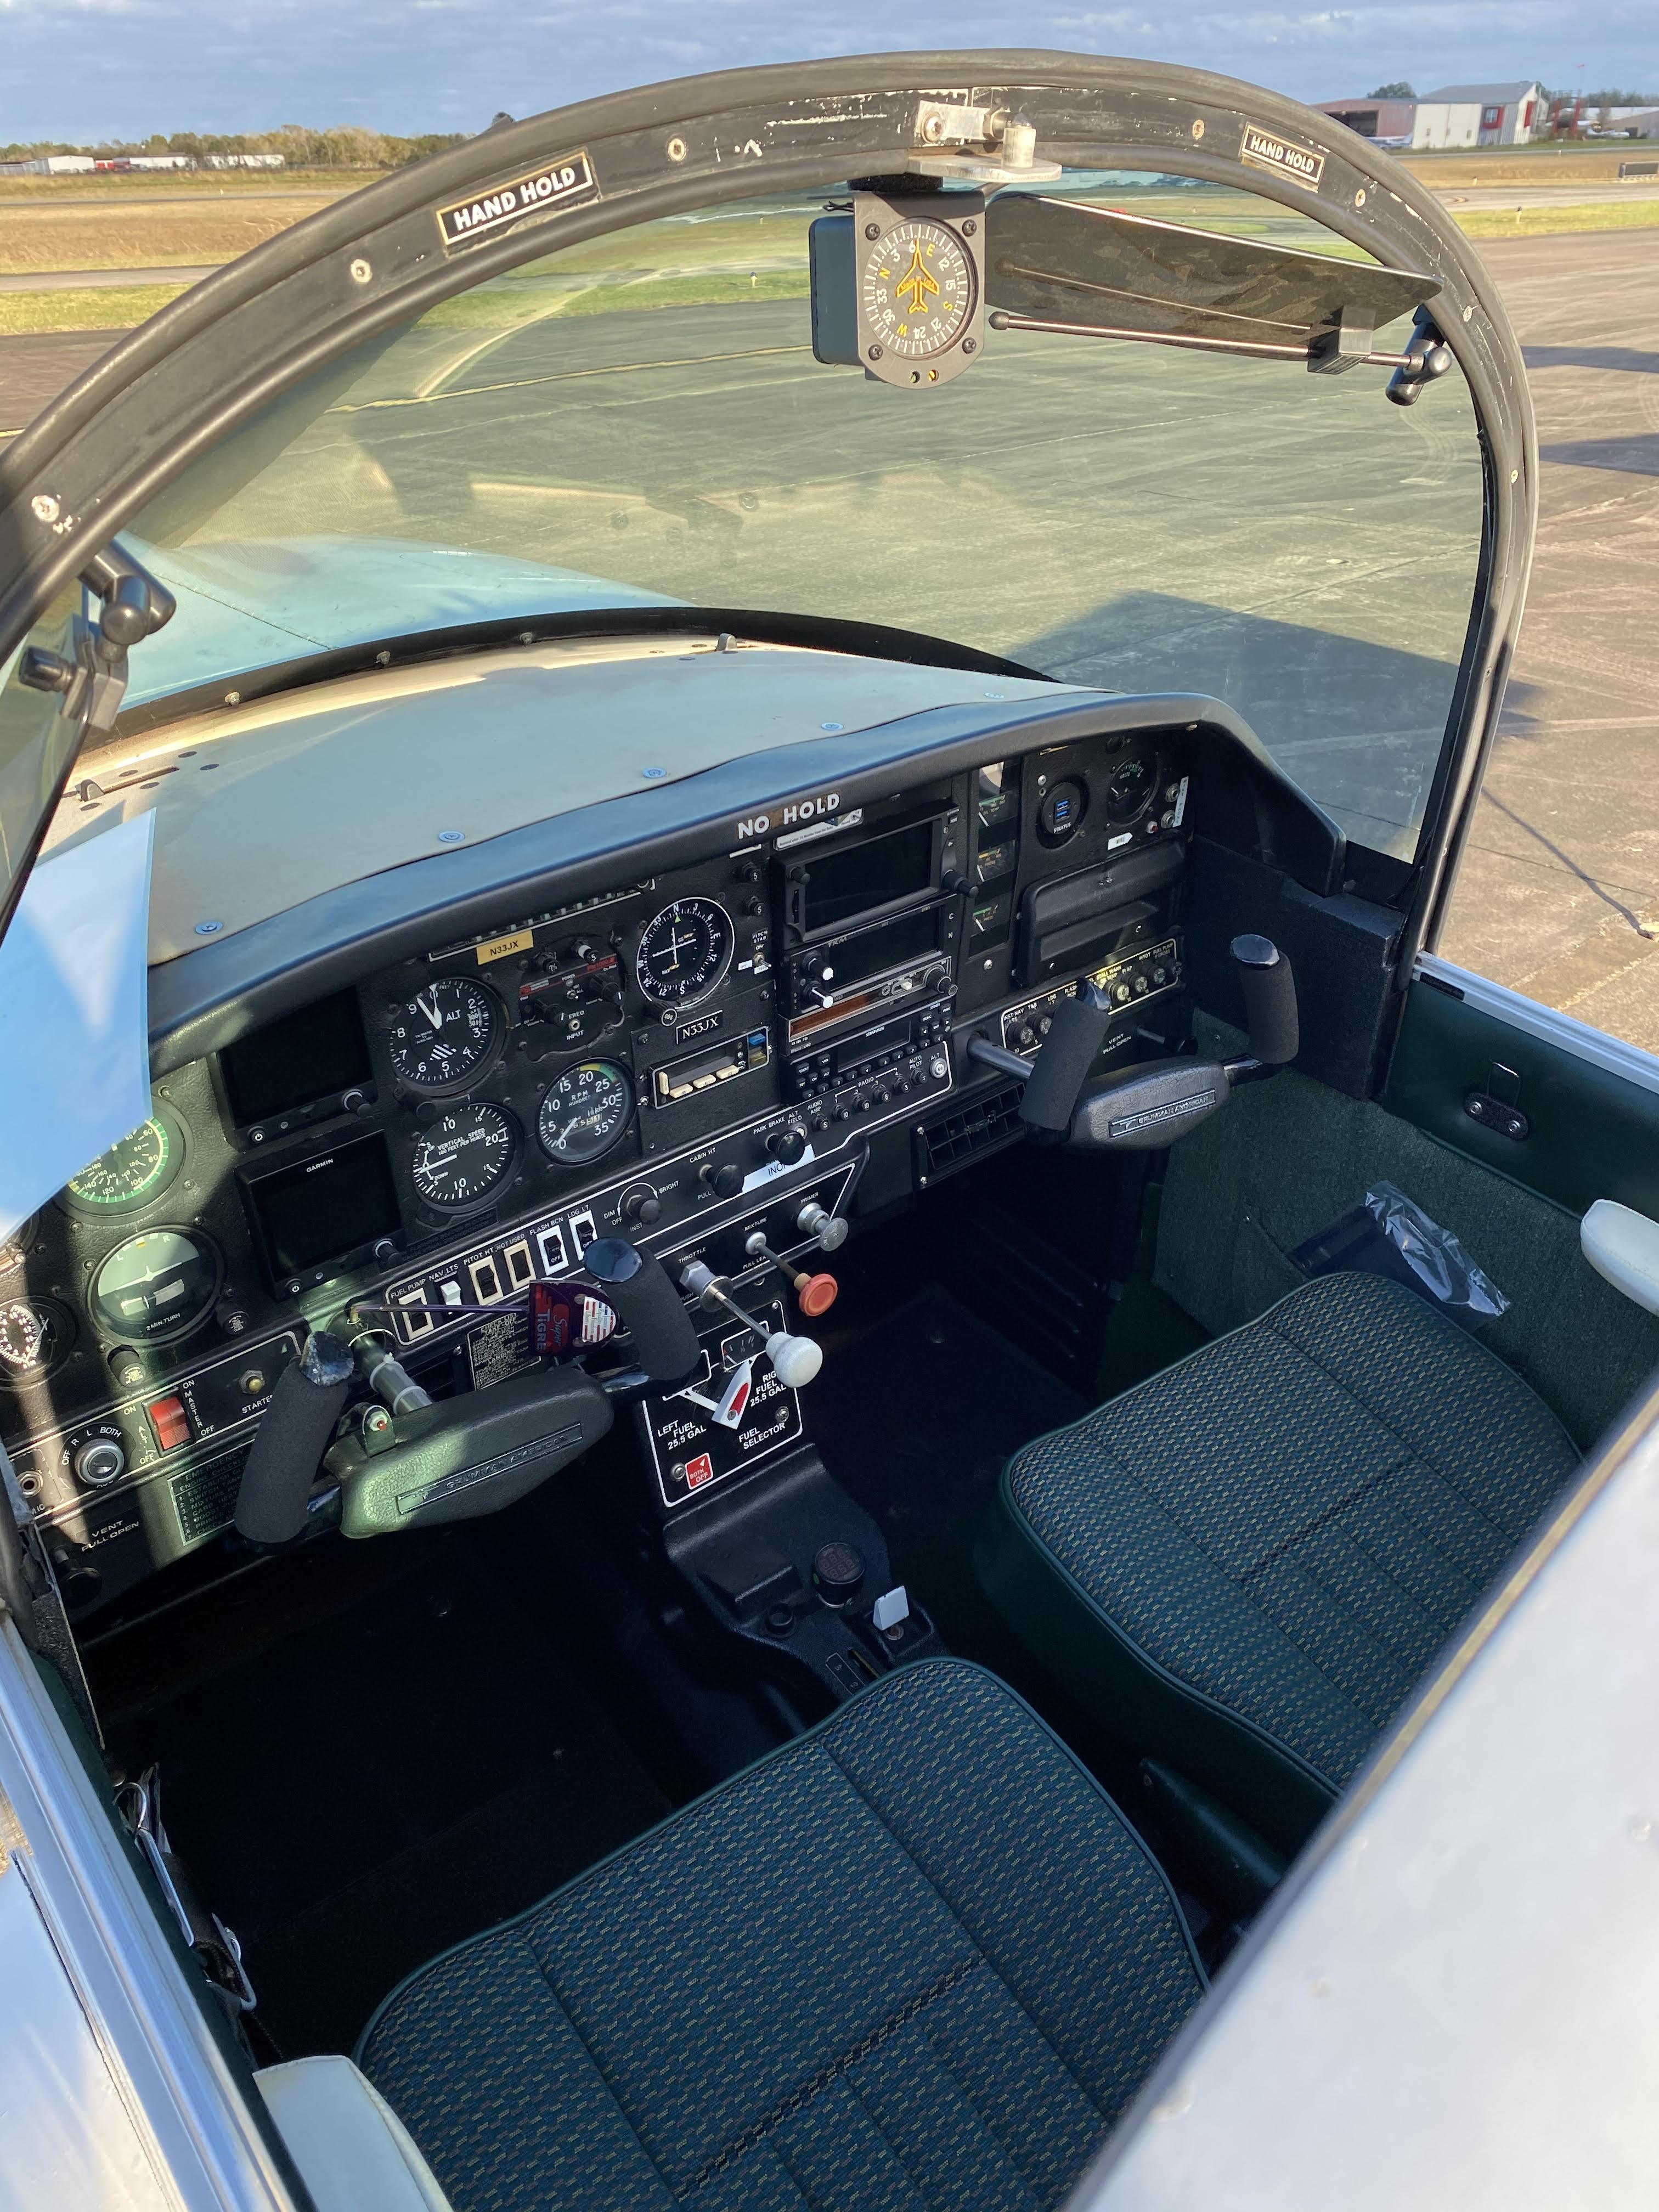 N33JX Panel